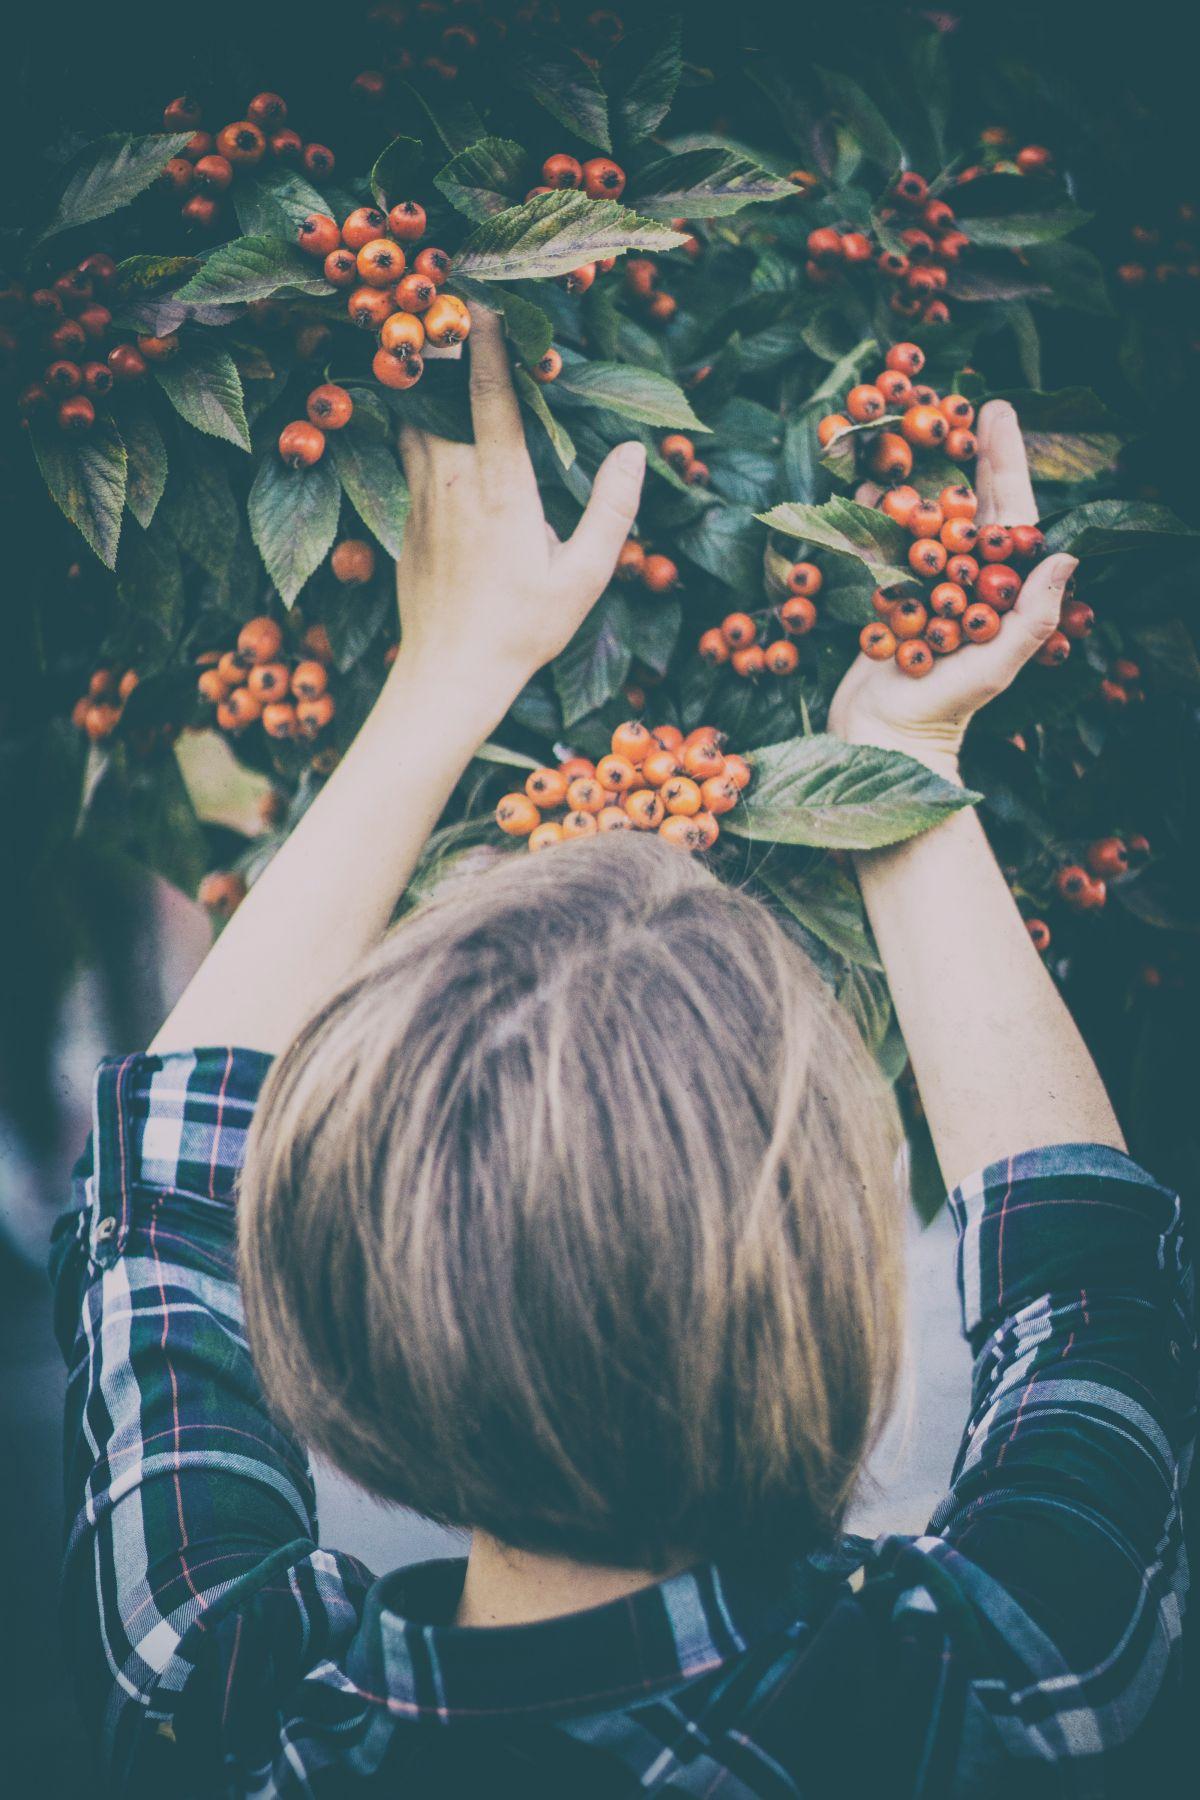 fruit picking at niki